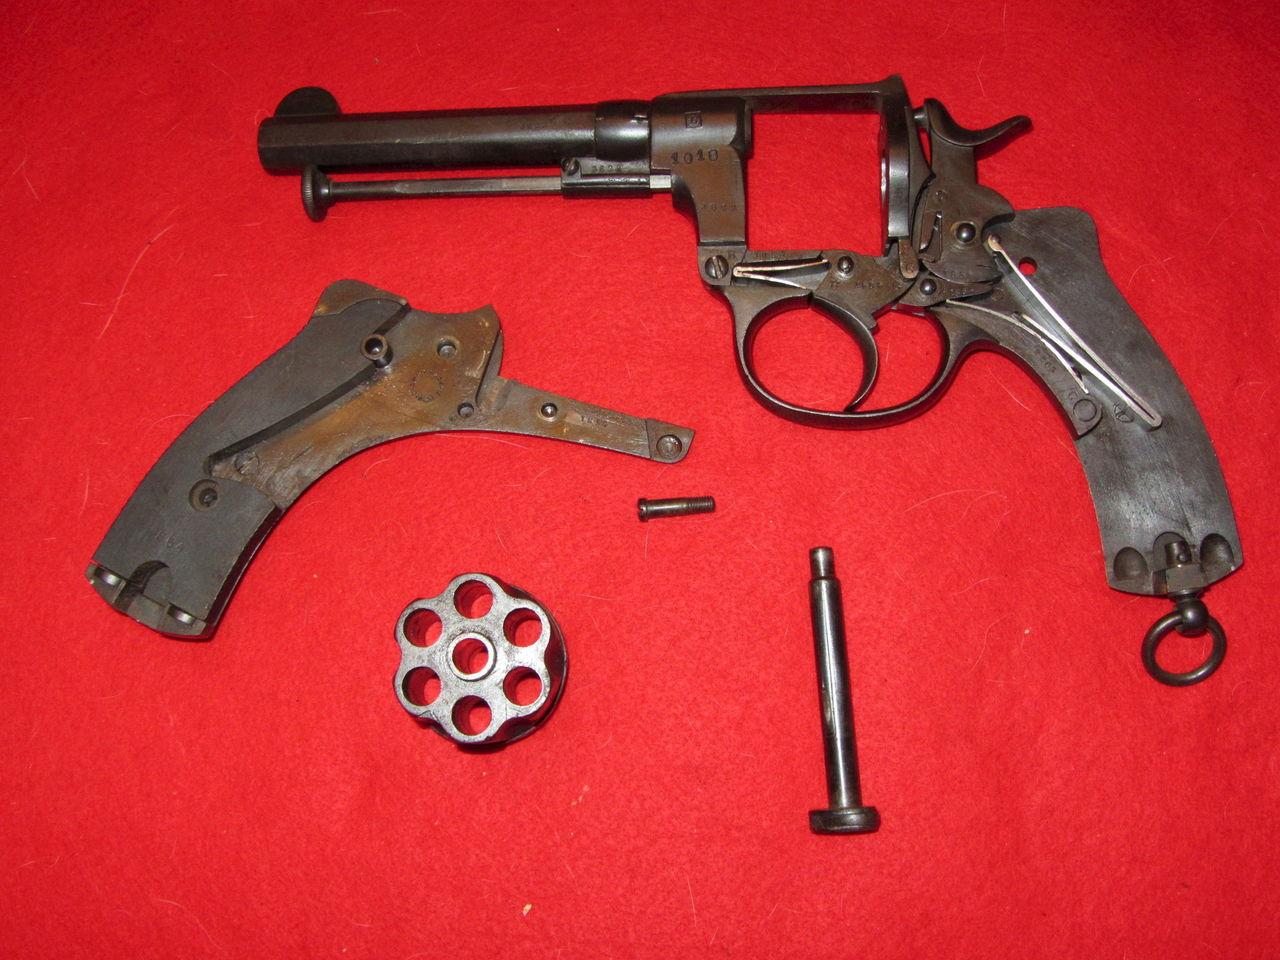 происходящим фото разобранного револьвера кому интересно